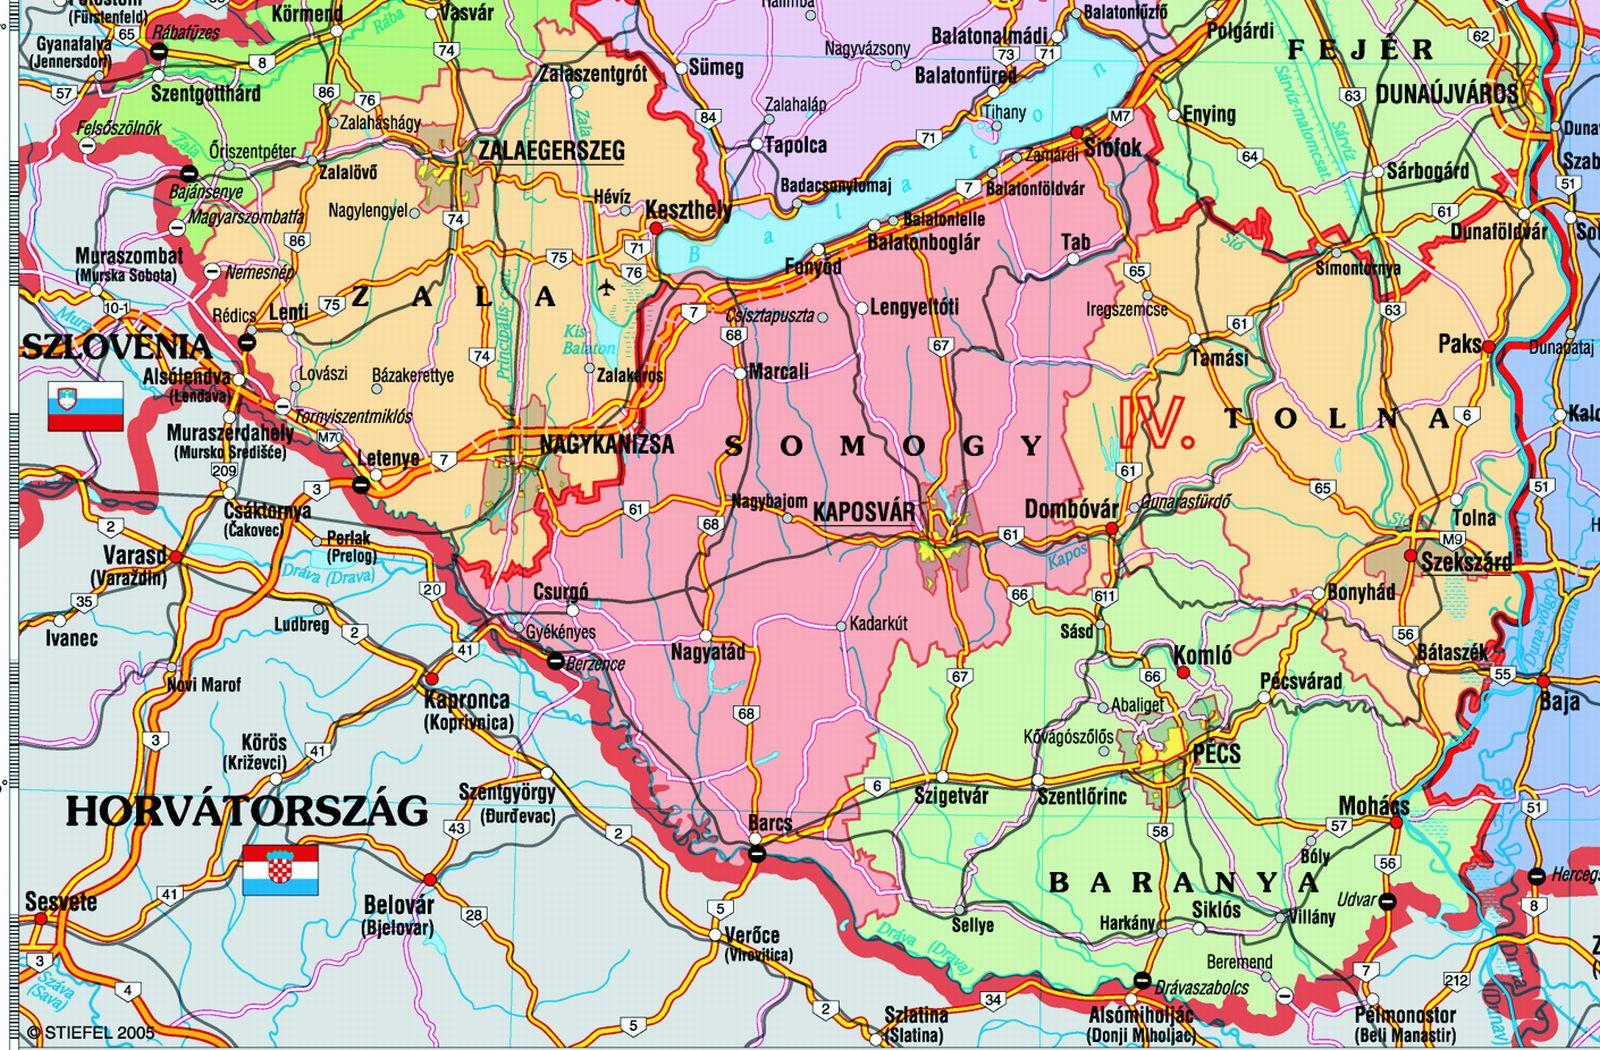 dunántúl térkép Közlekedési földrajz | SuliTudásbázis dunántúl térkép